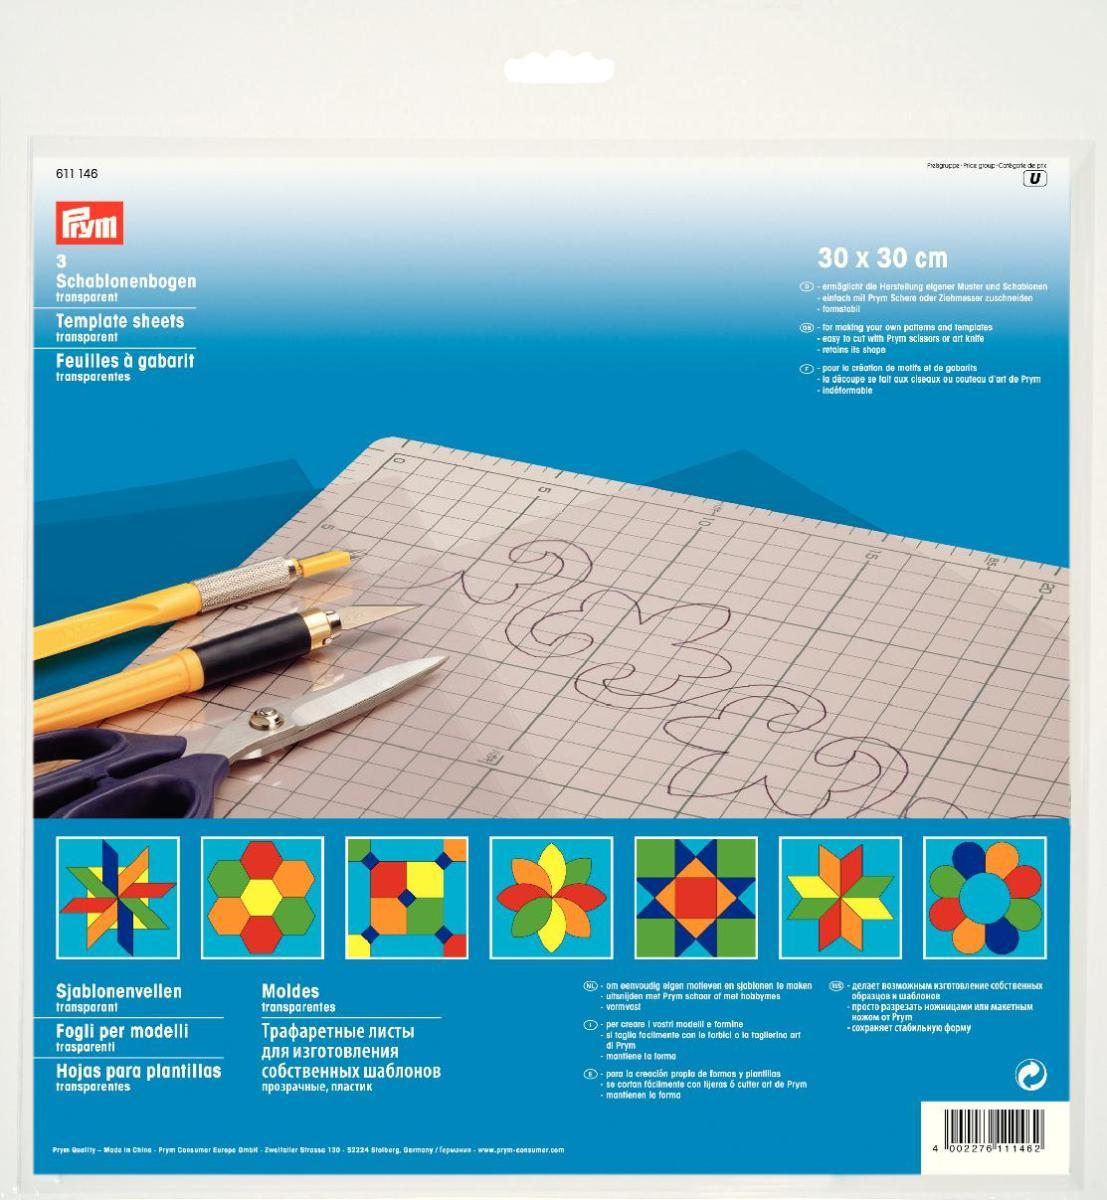 Трафаретные листы Prym, цвет: прозрачный, 30 см х 30 см, 3 шт611146Трафаретные листы Prym выполнены из пластика и предназначены для изготовления собственных шаблонов. Набор включает в себя 3 прозрачных листа. Изделие идеально подходит для пэчворка. Особенности: - делает возможным изготовление собственных образцов и шаблонов; - просто разрезать ножницами или макетным ножом; - сохраняет стабильную форму.